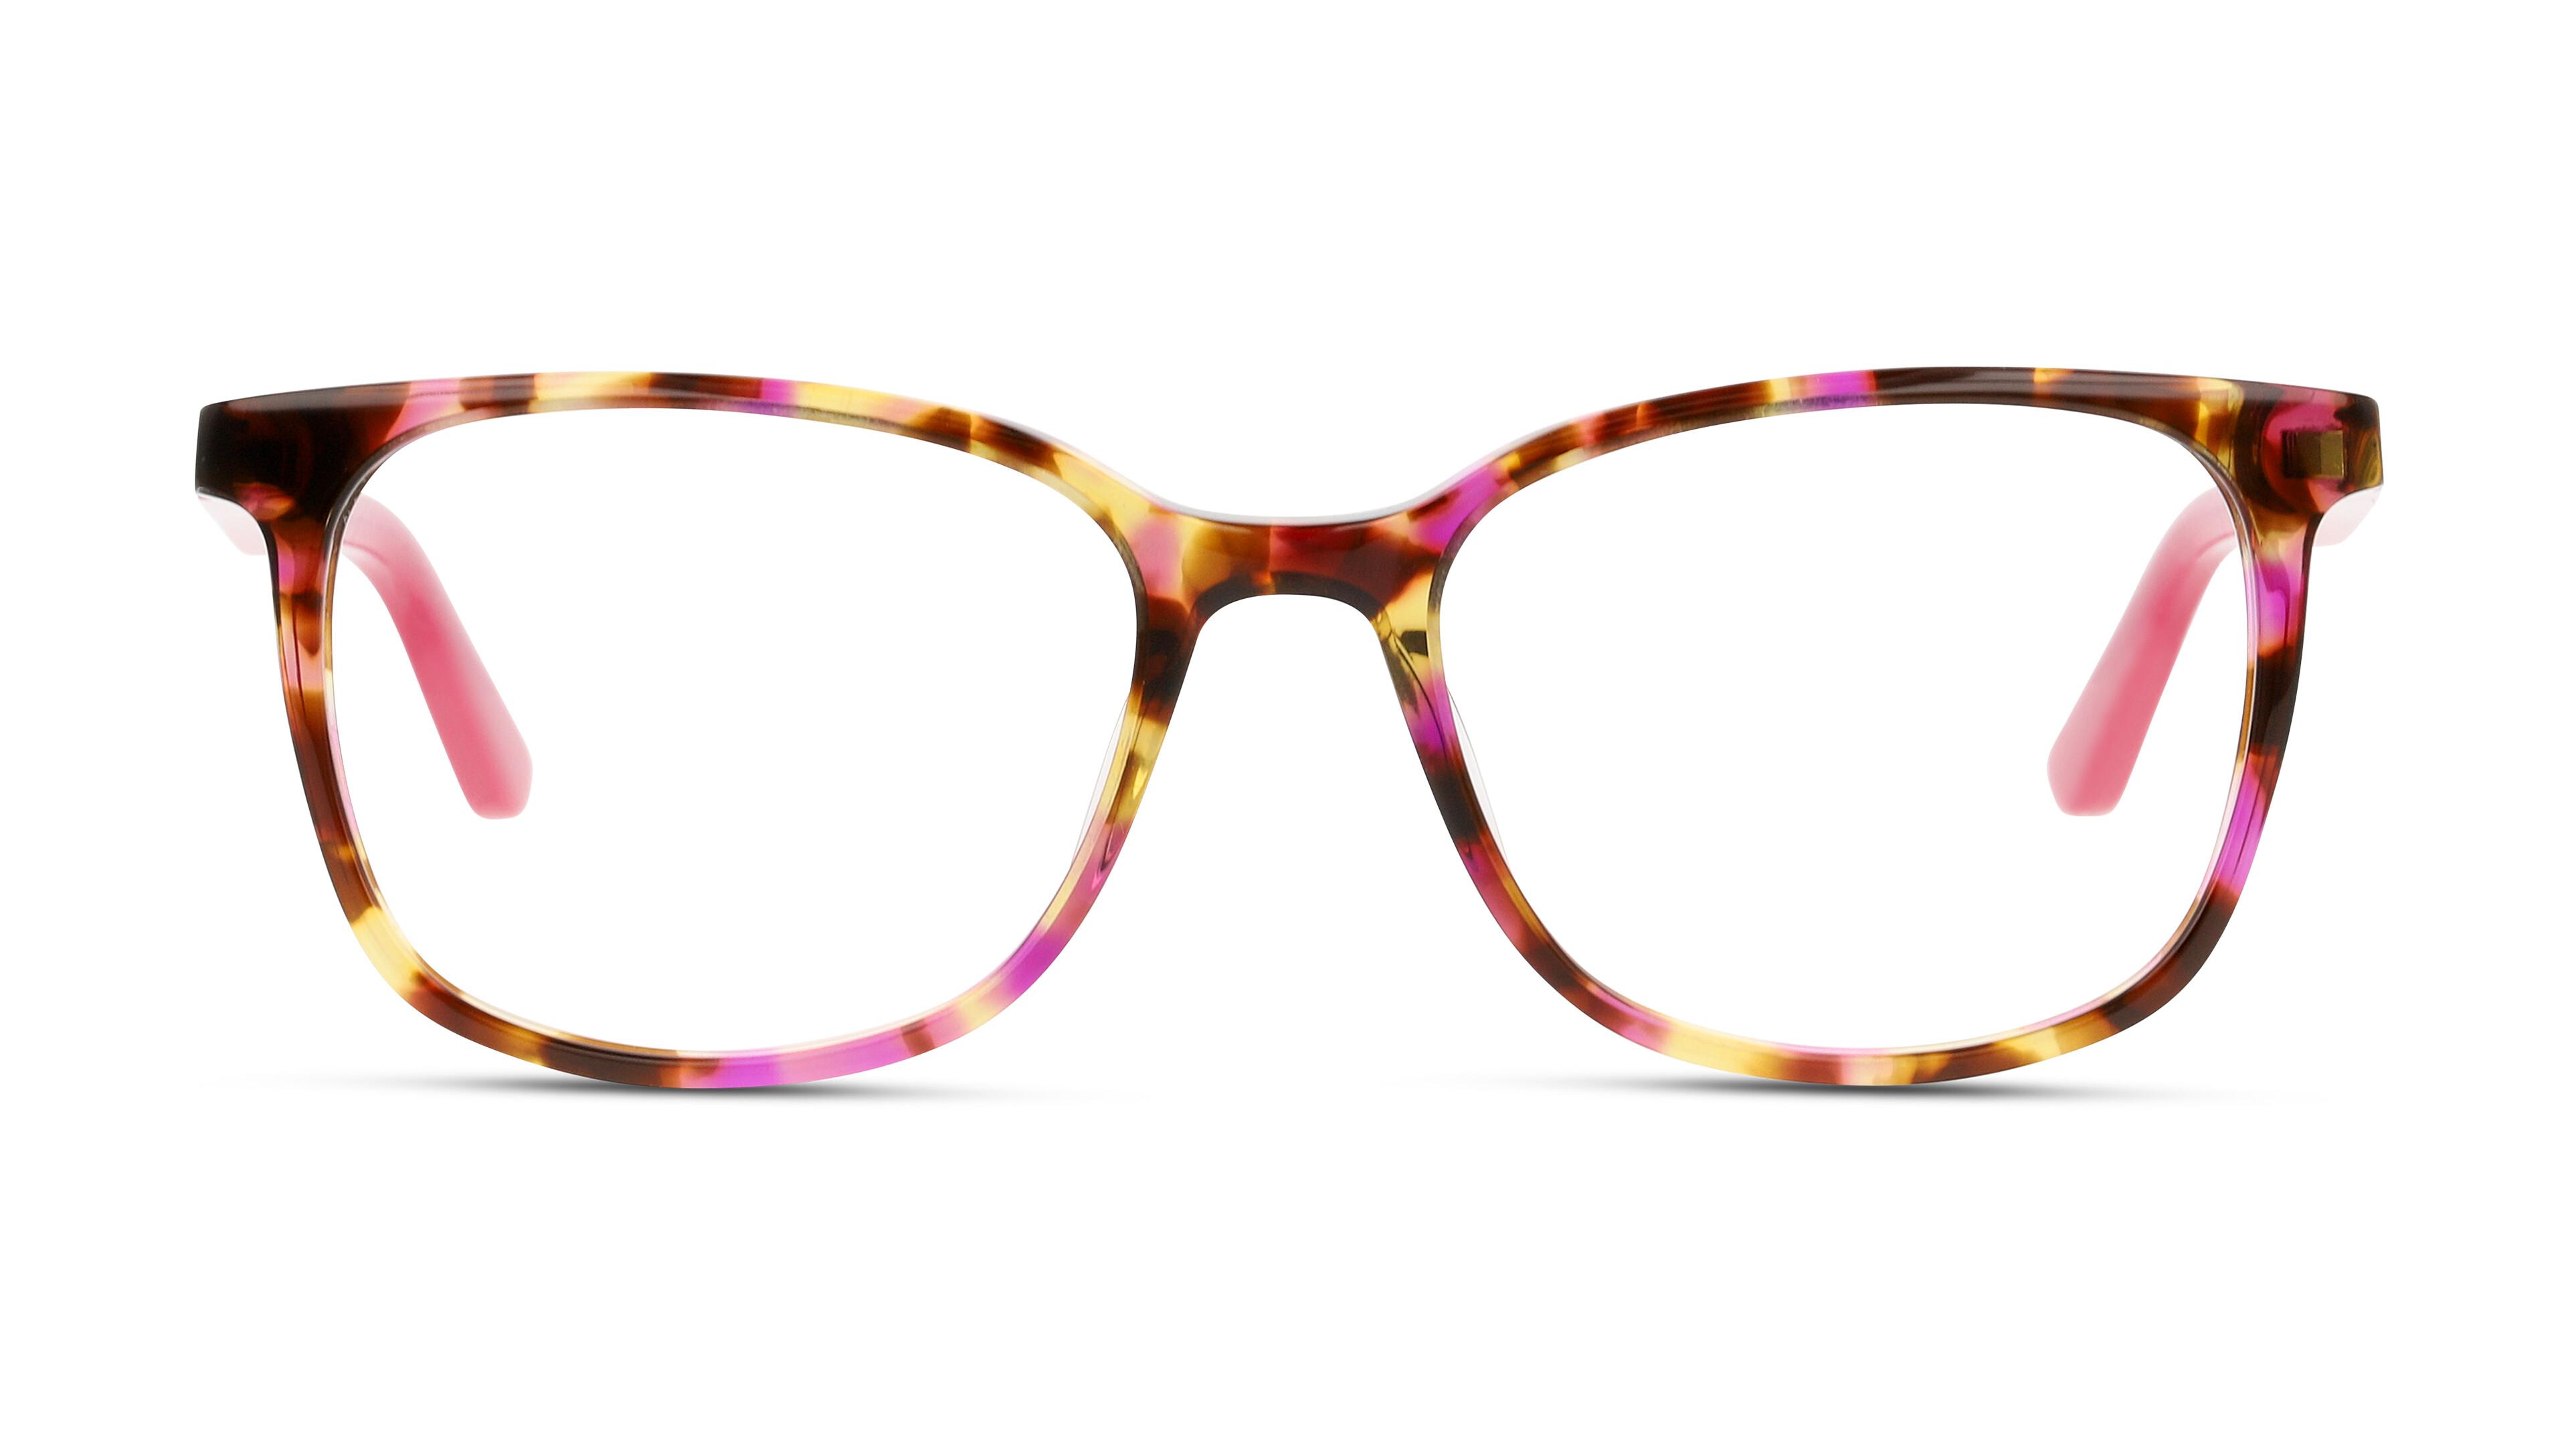 8719154739583-front-brillenfassung-unofficial-unot0026-havana-pink